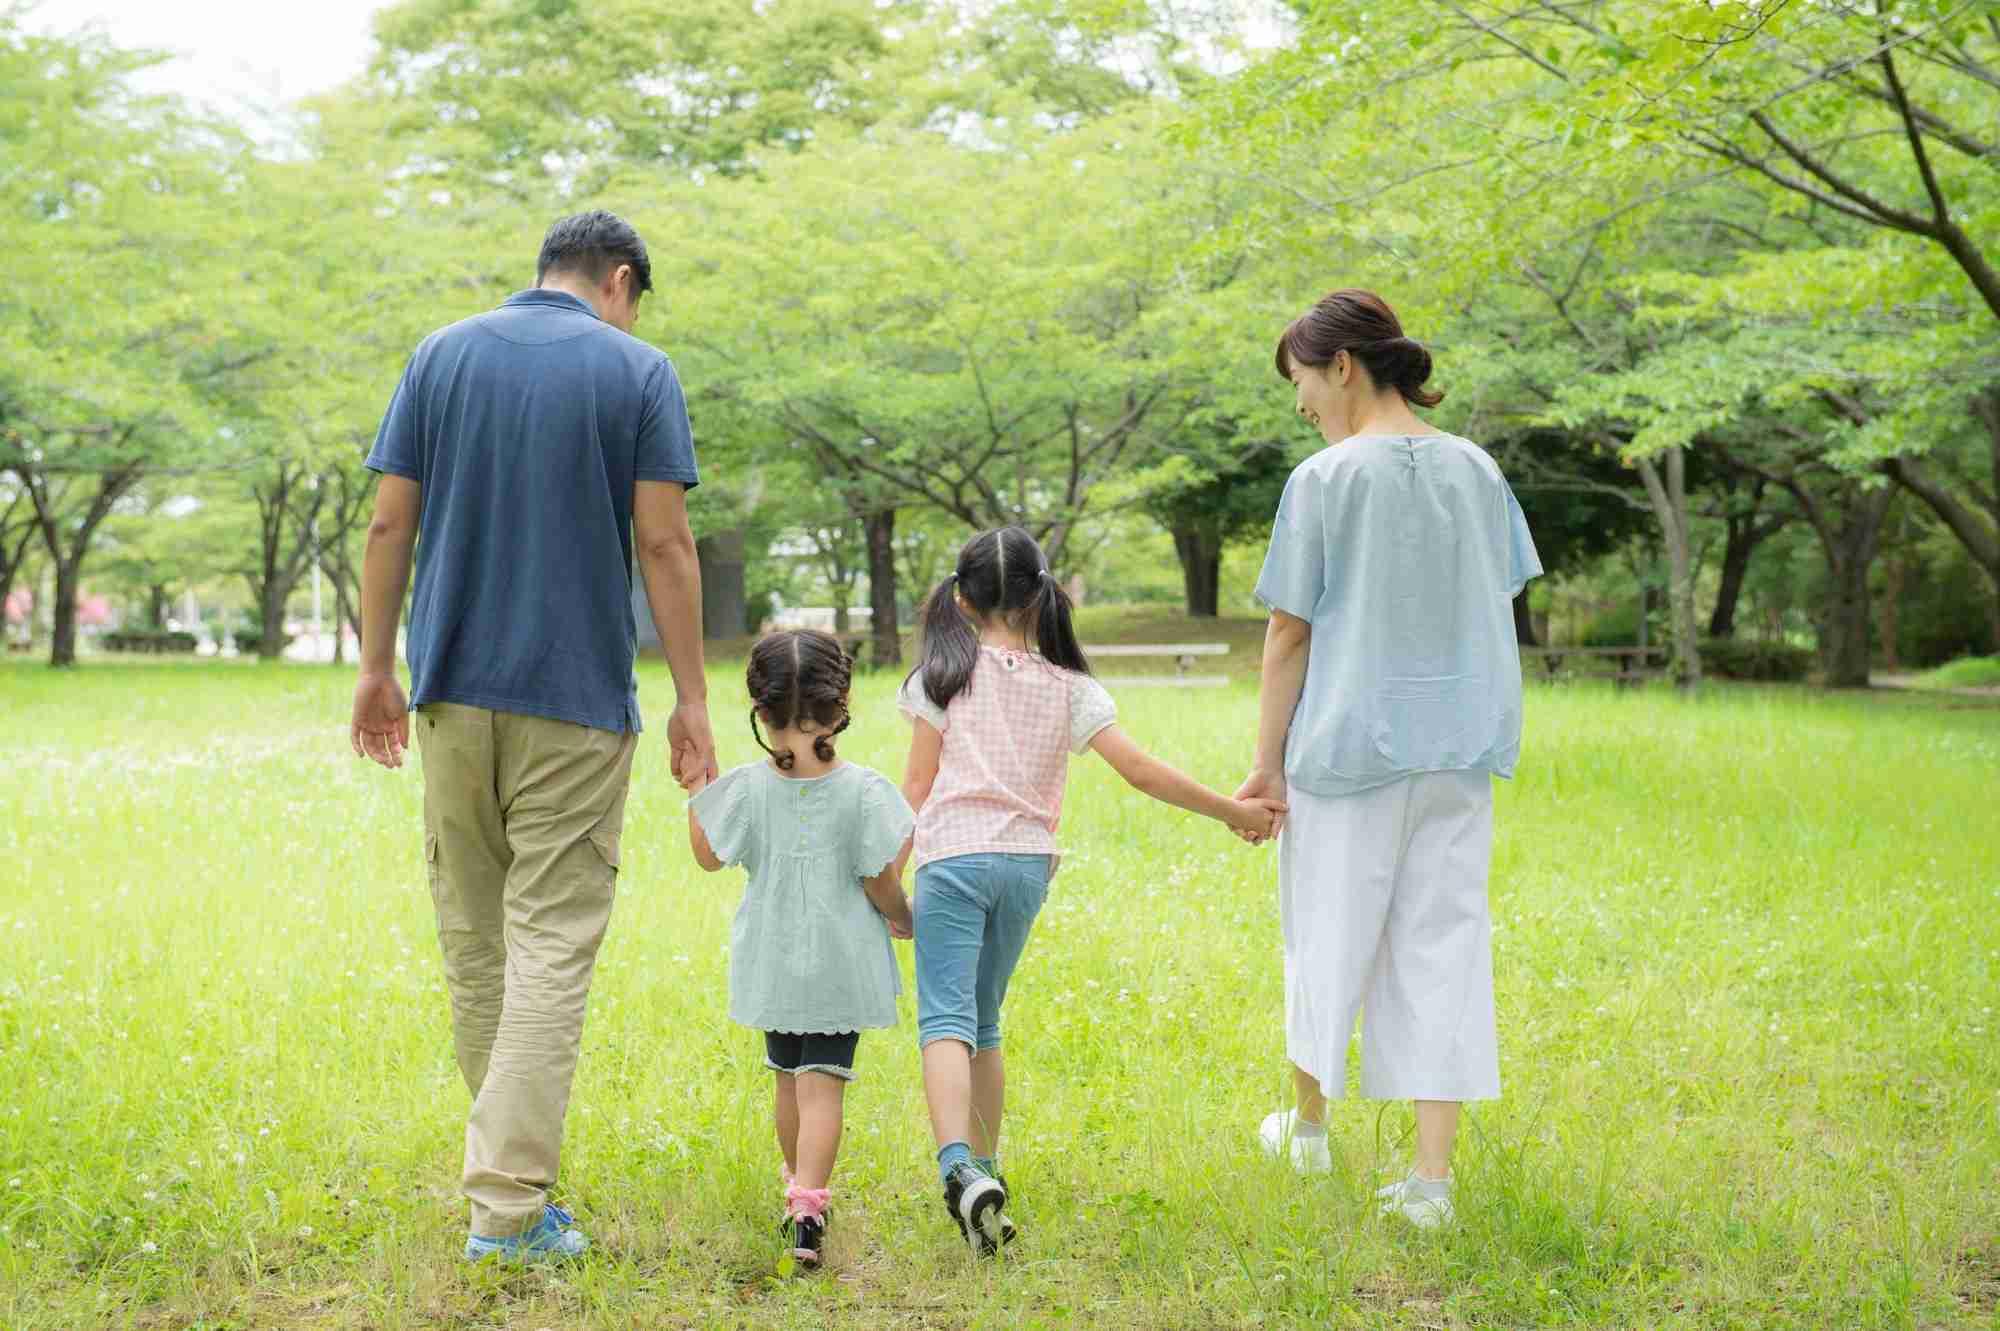 なぜ「子どもを育ててこそ一人前」という思い込みに縛られるのか?